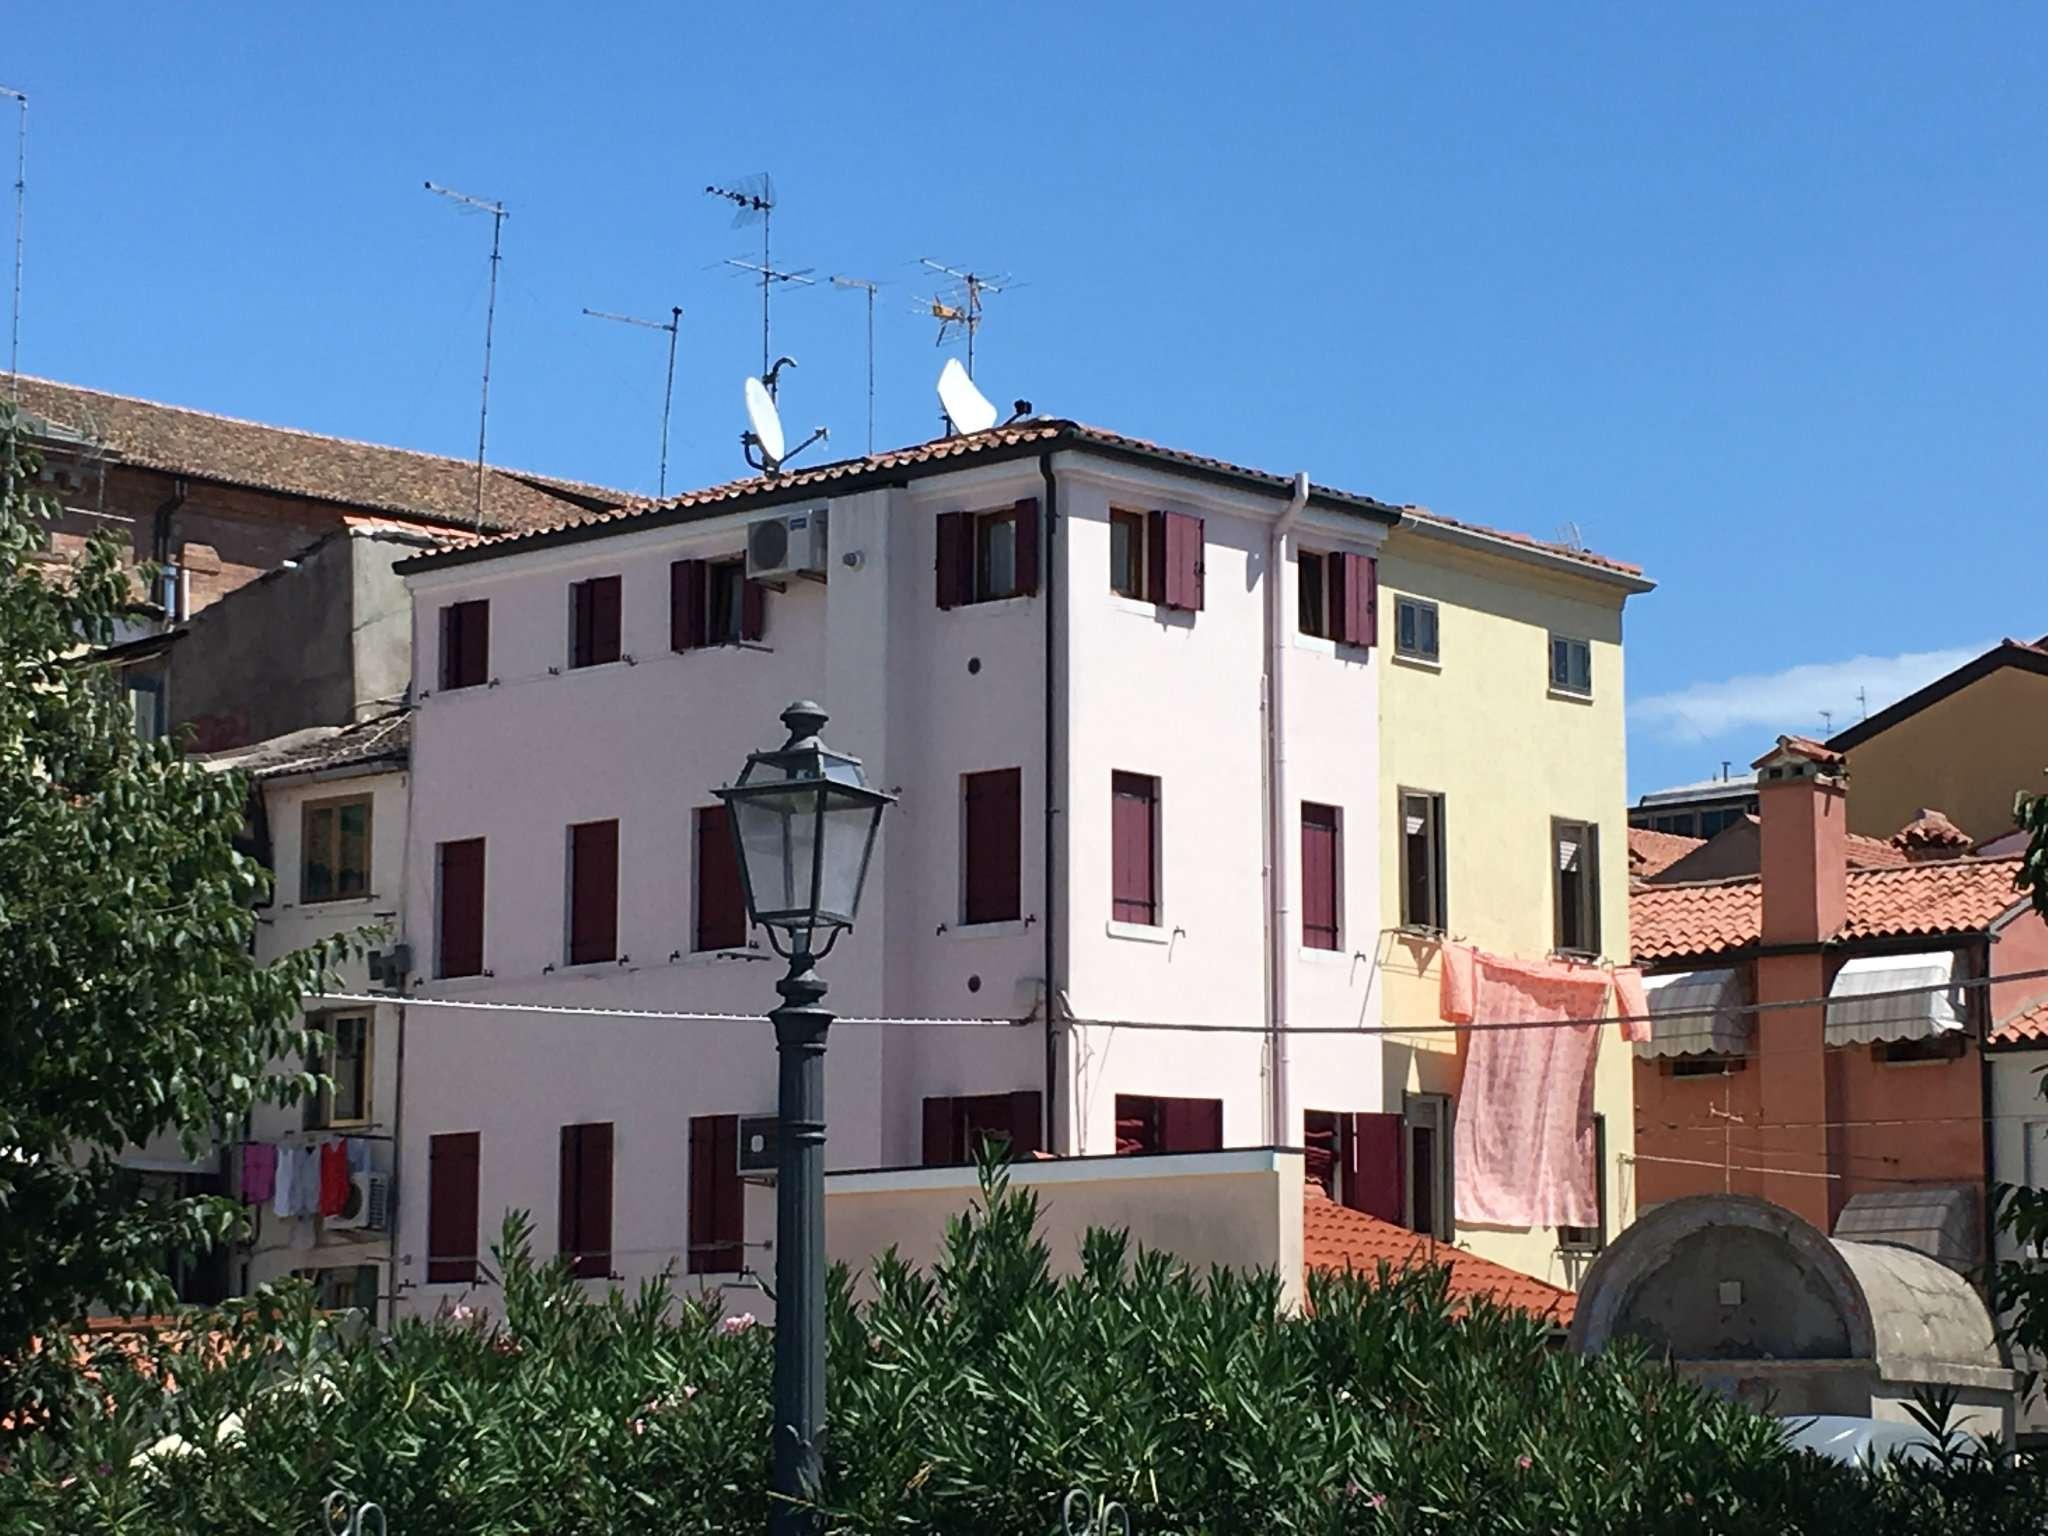 Appartamento in vendita a Chioggia, 2 locali, prezzo € 110.000   CambioCasa.it